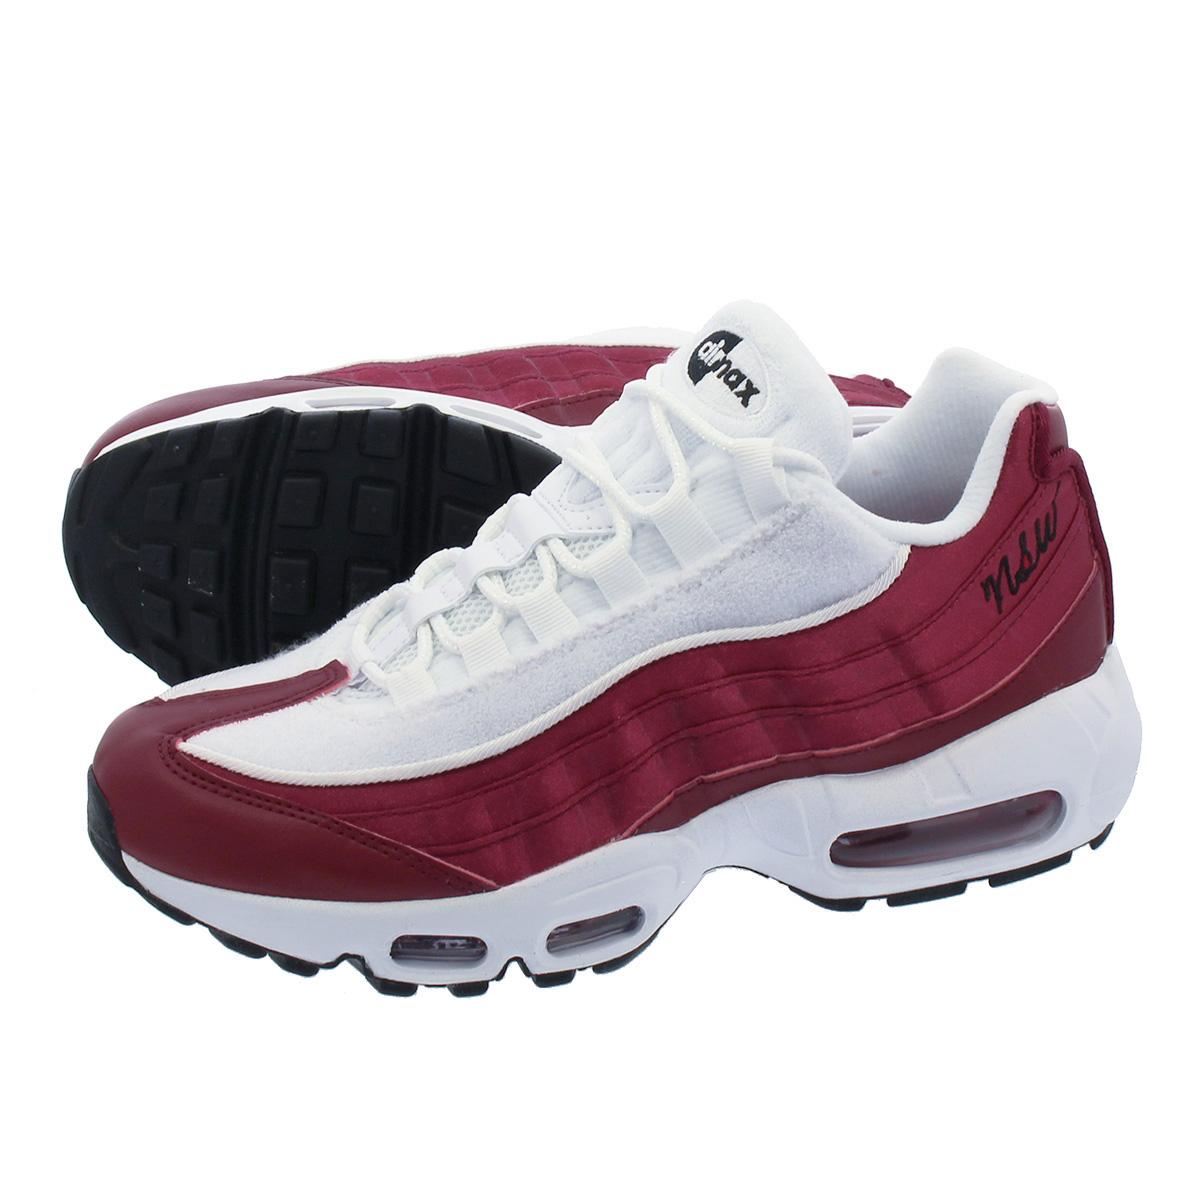 80dae8b344 LOWTEX PLUS: NIKE WMNS AIR MAX 95 Nike women Air Max 95 LX WHITE/BURGUNDY  aa1103-601 | Rakuten Global Market